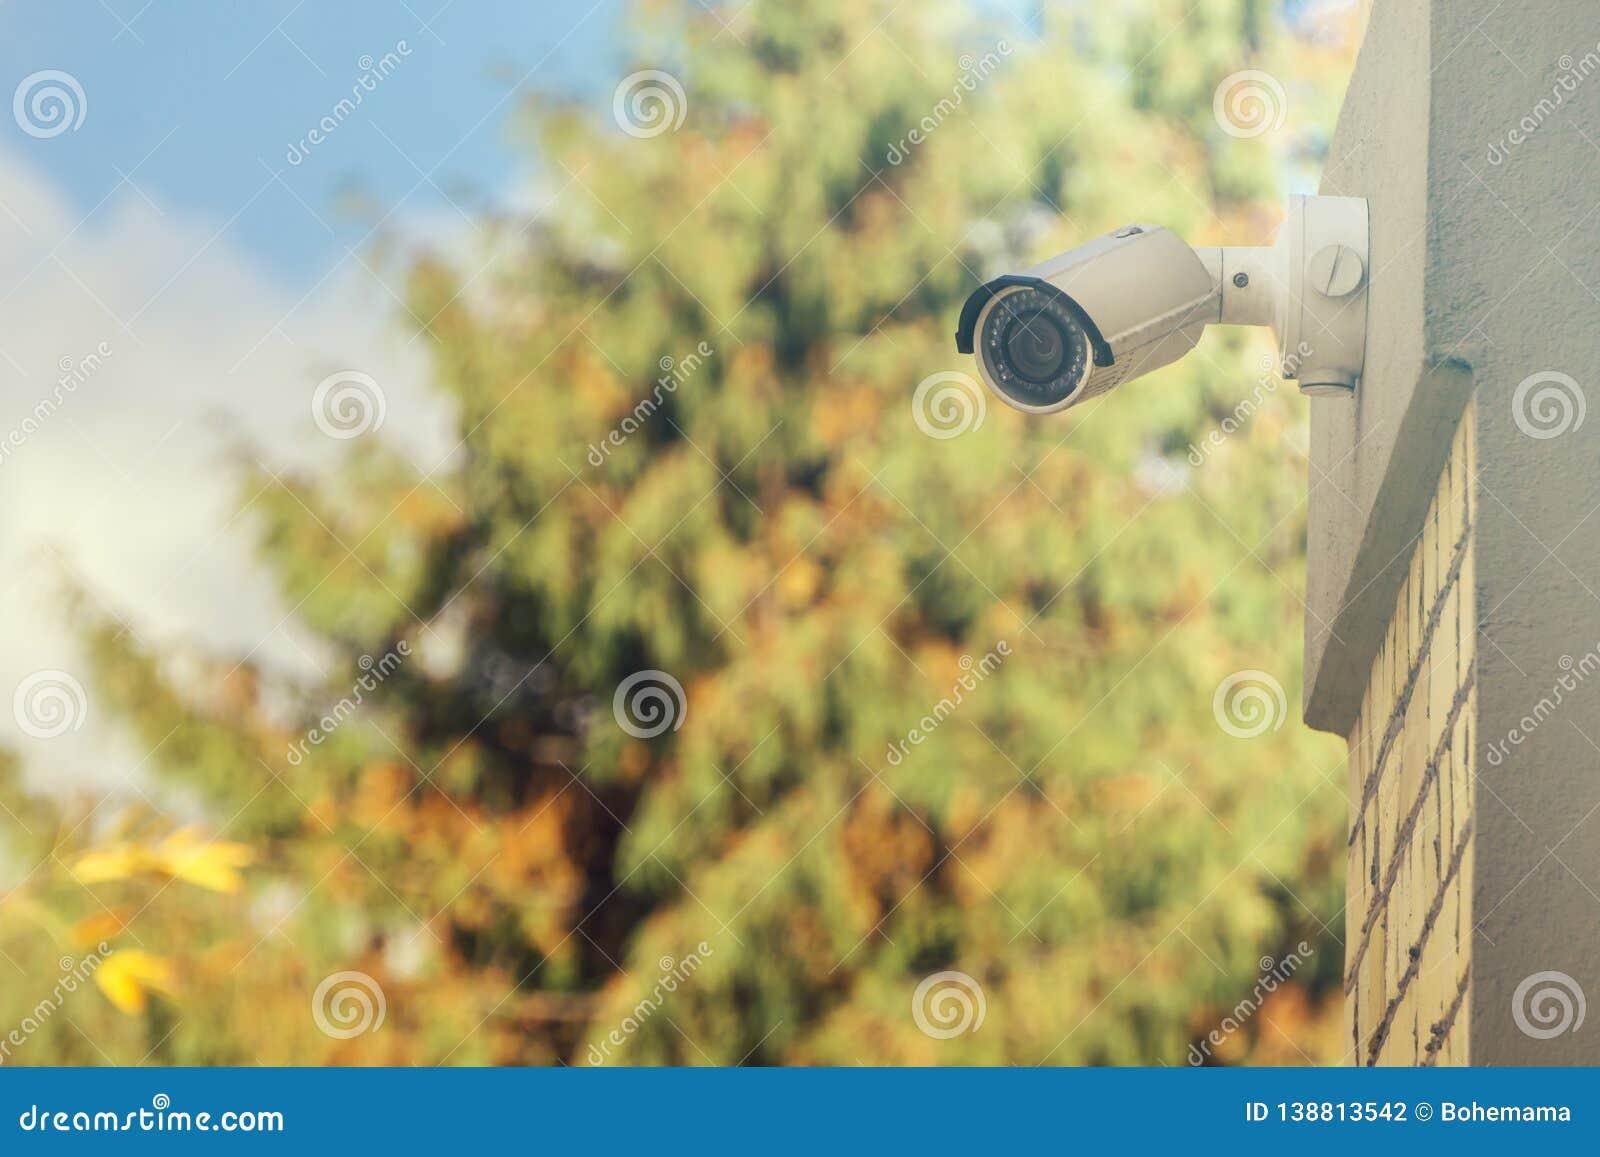 Cámara CCTV moderna en la pared del edificio, fondo del follaje